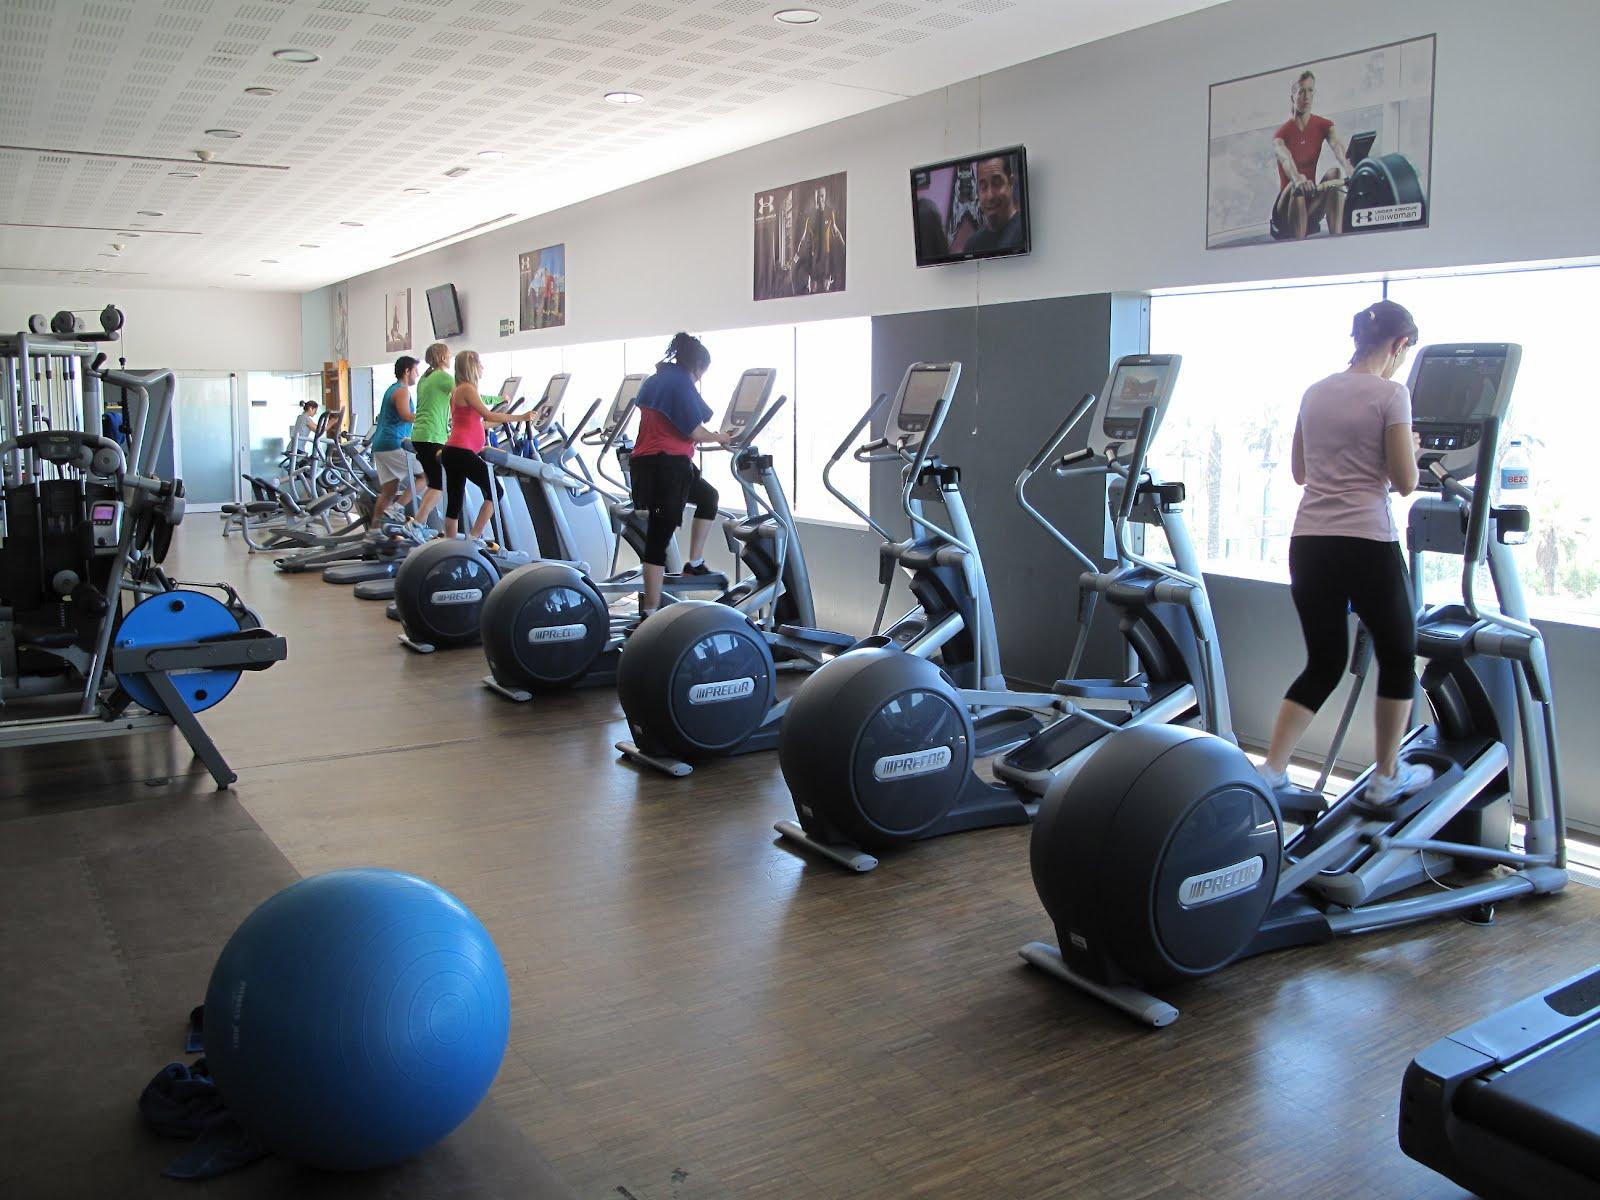 Precor spain la cadena de gimnasios accura apuesta por for Cadena gimnasios